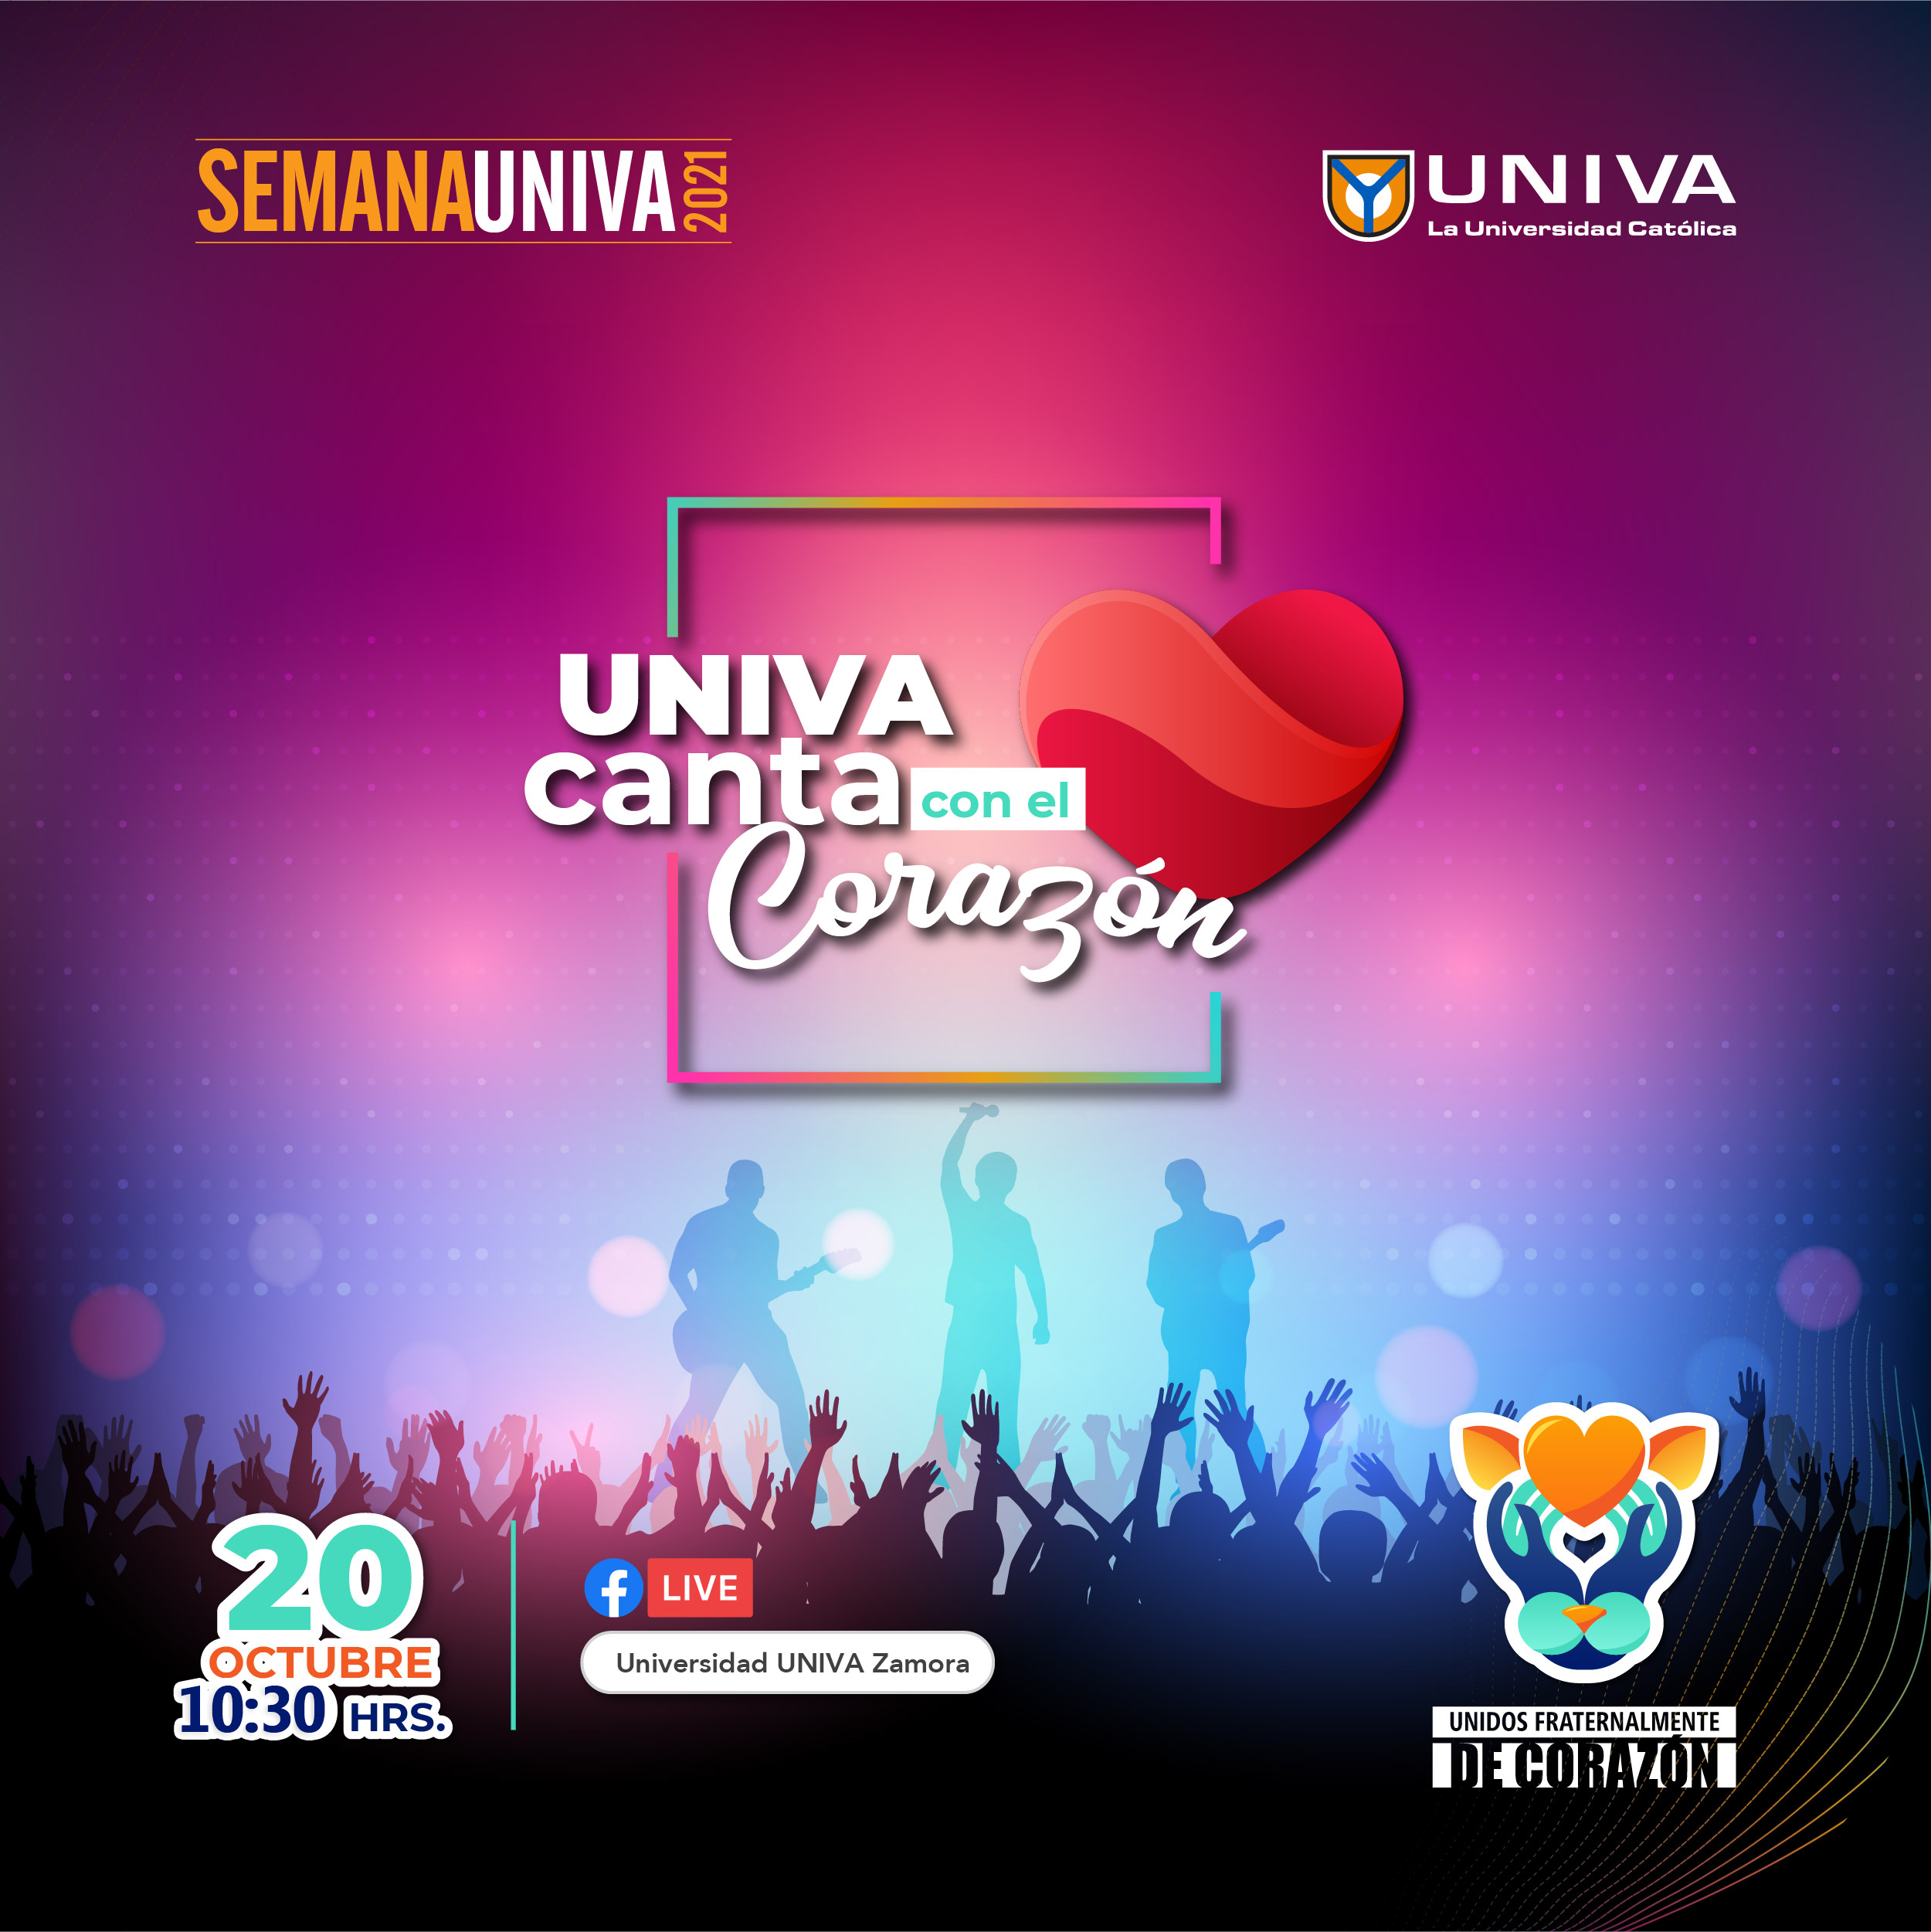 UNIVA Canta con el Corazón